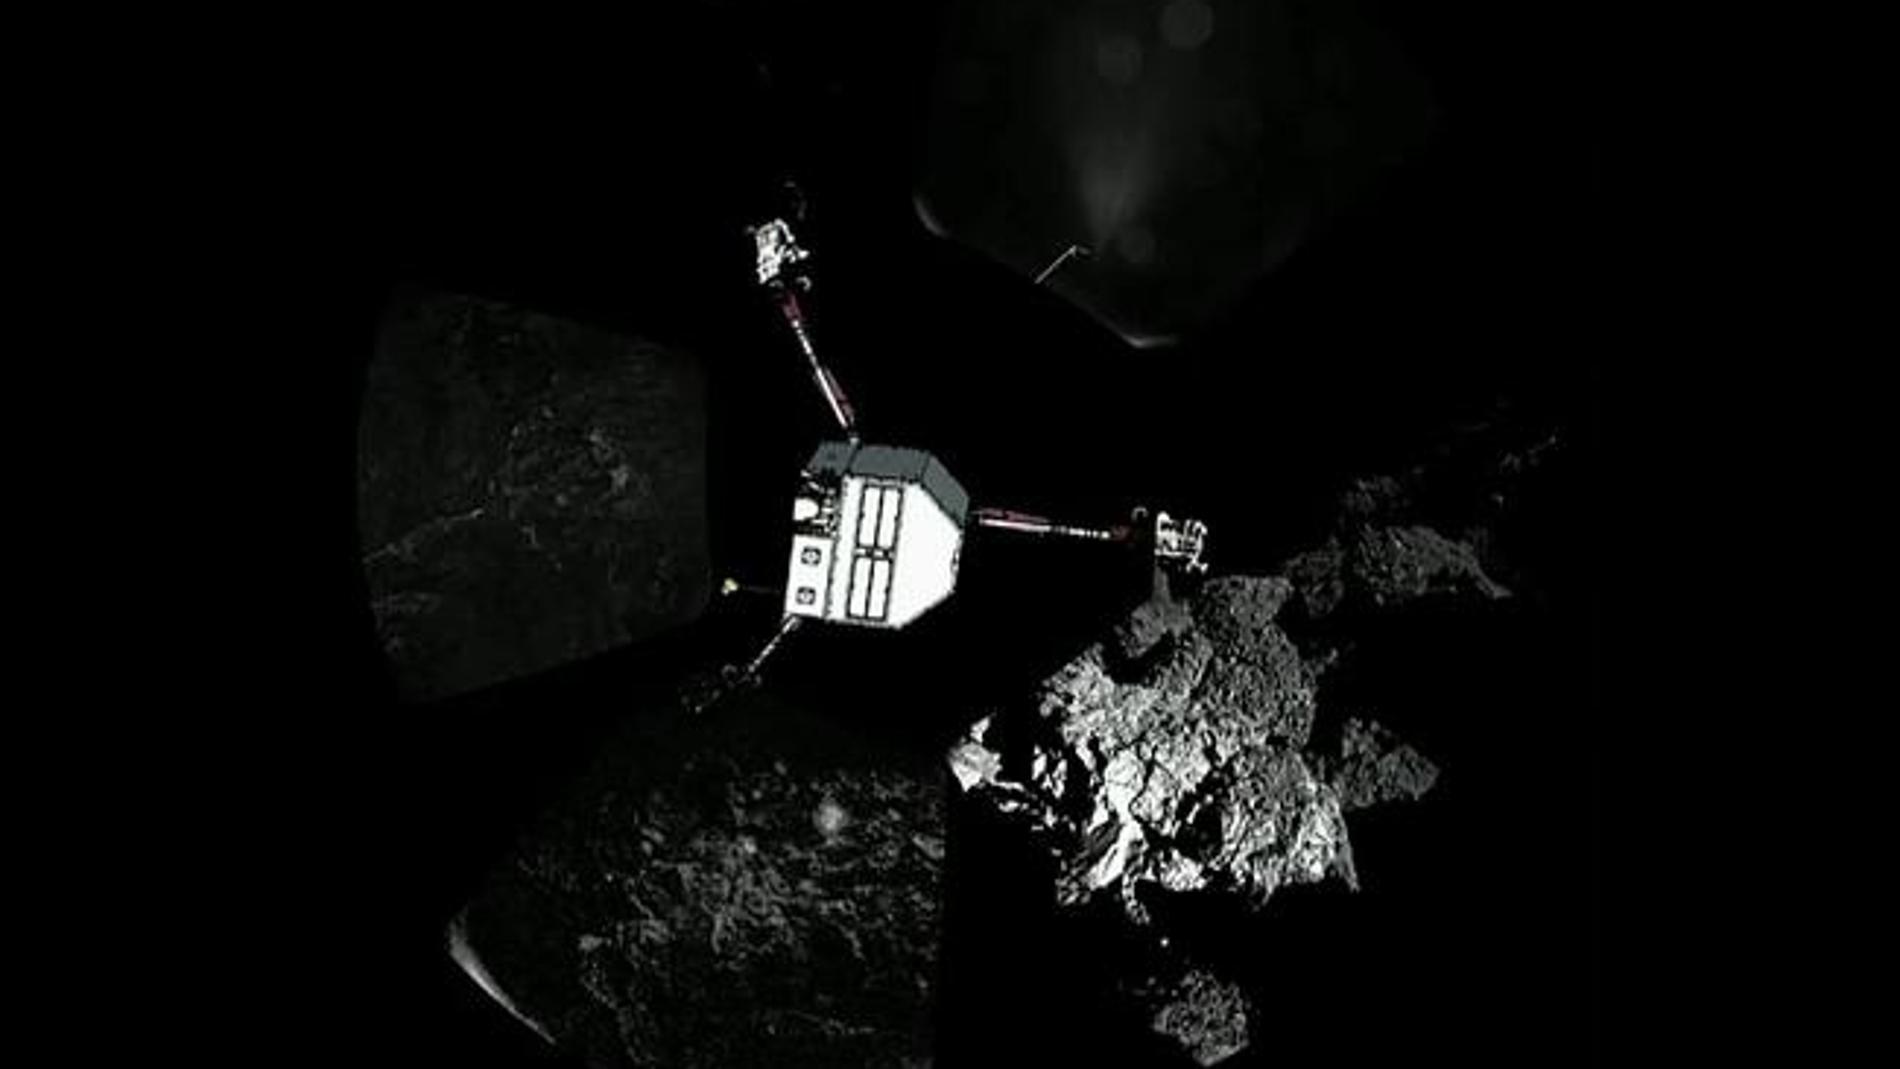 La sonda Philae sobre el cometa